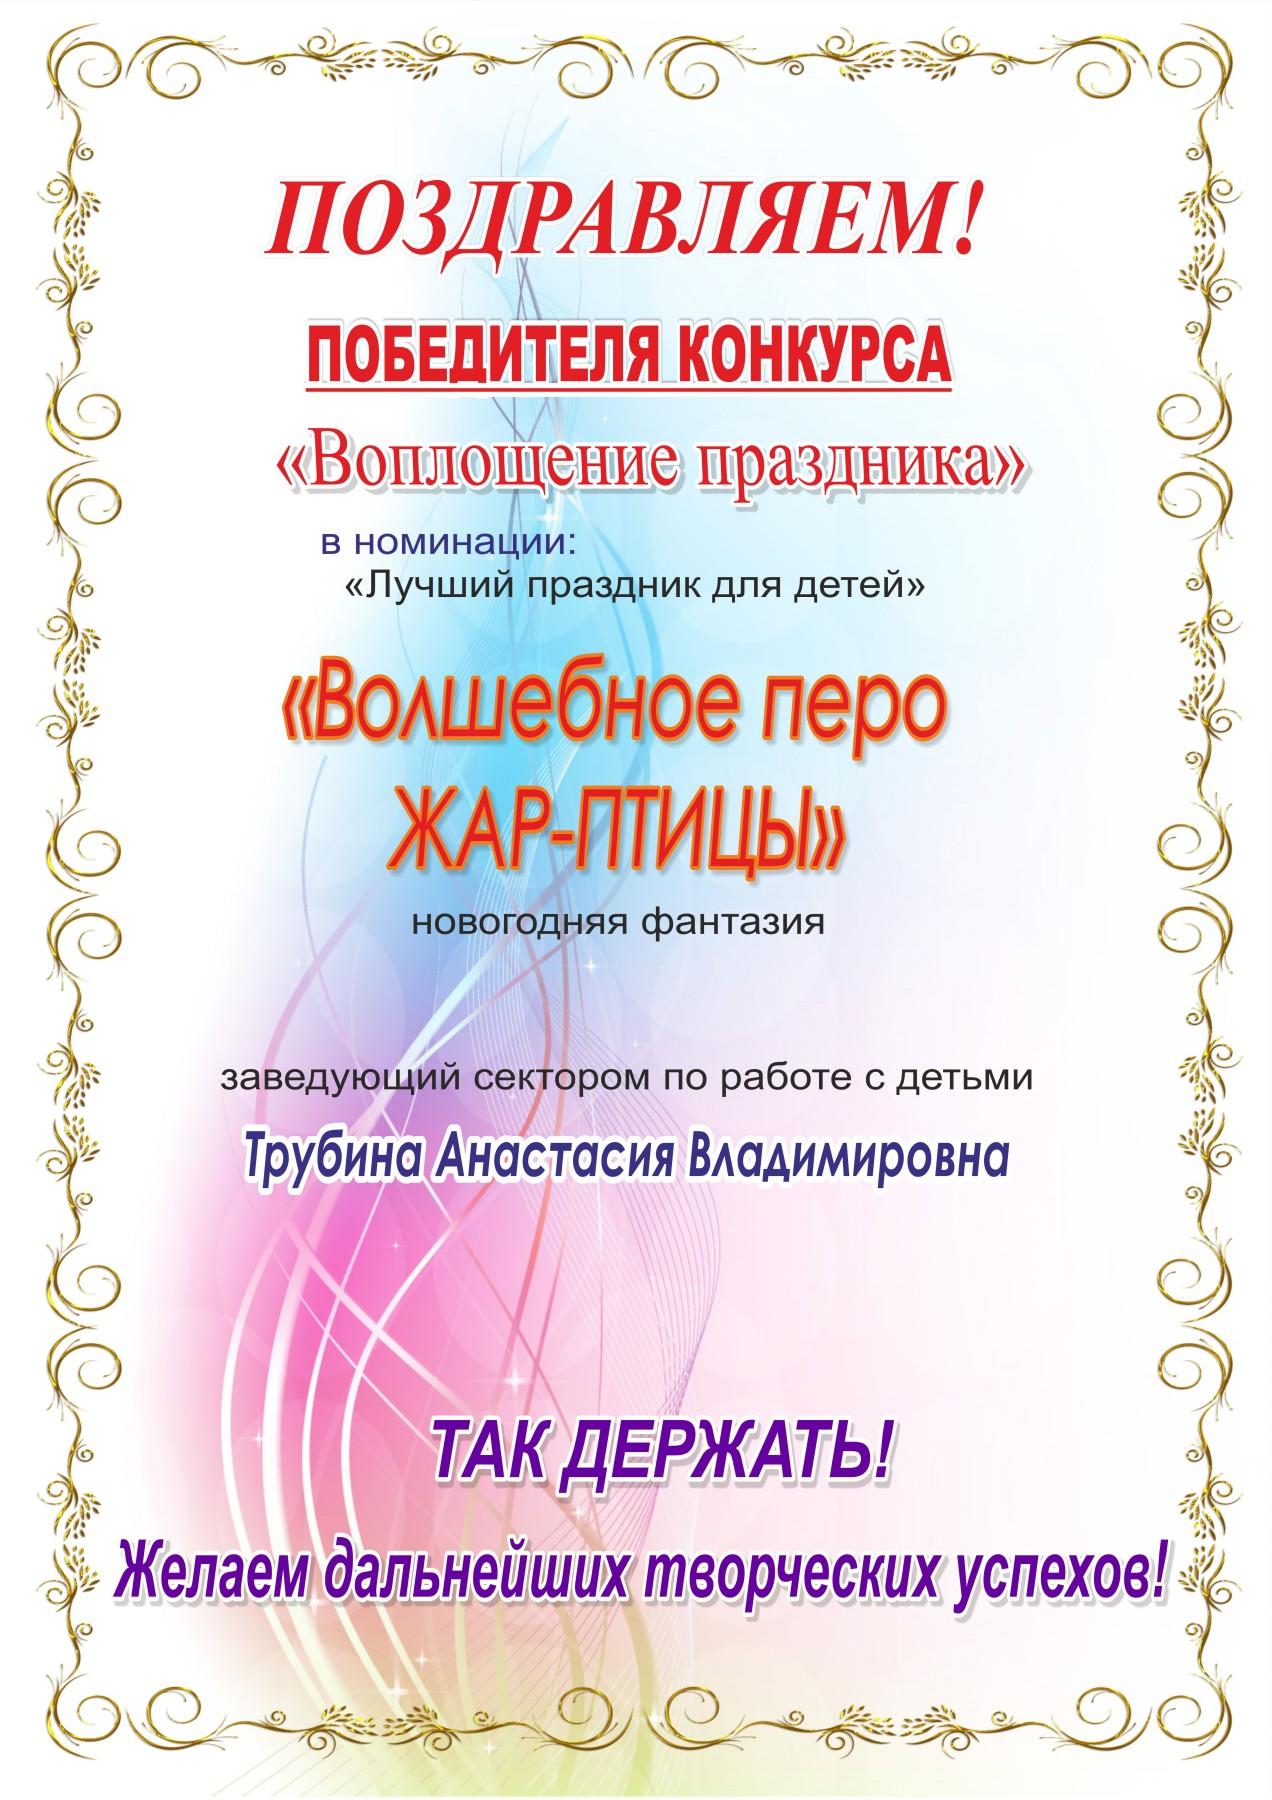 Текст поздравления победителям конкурса